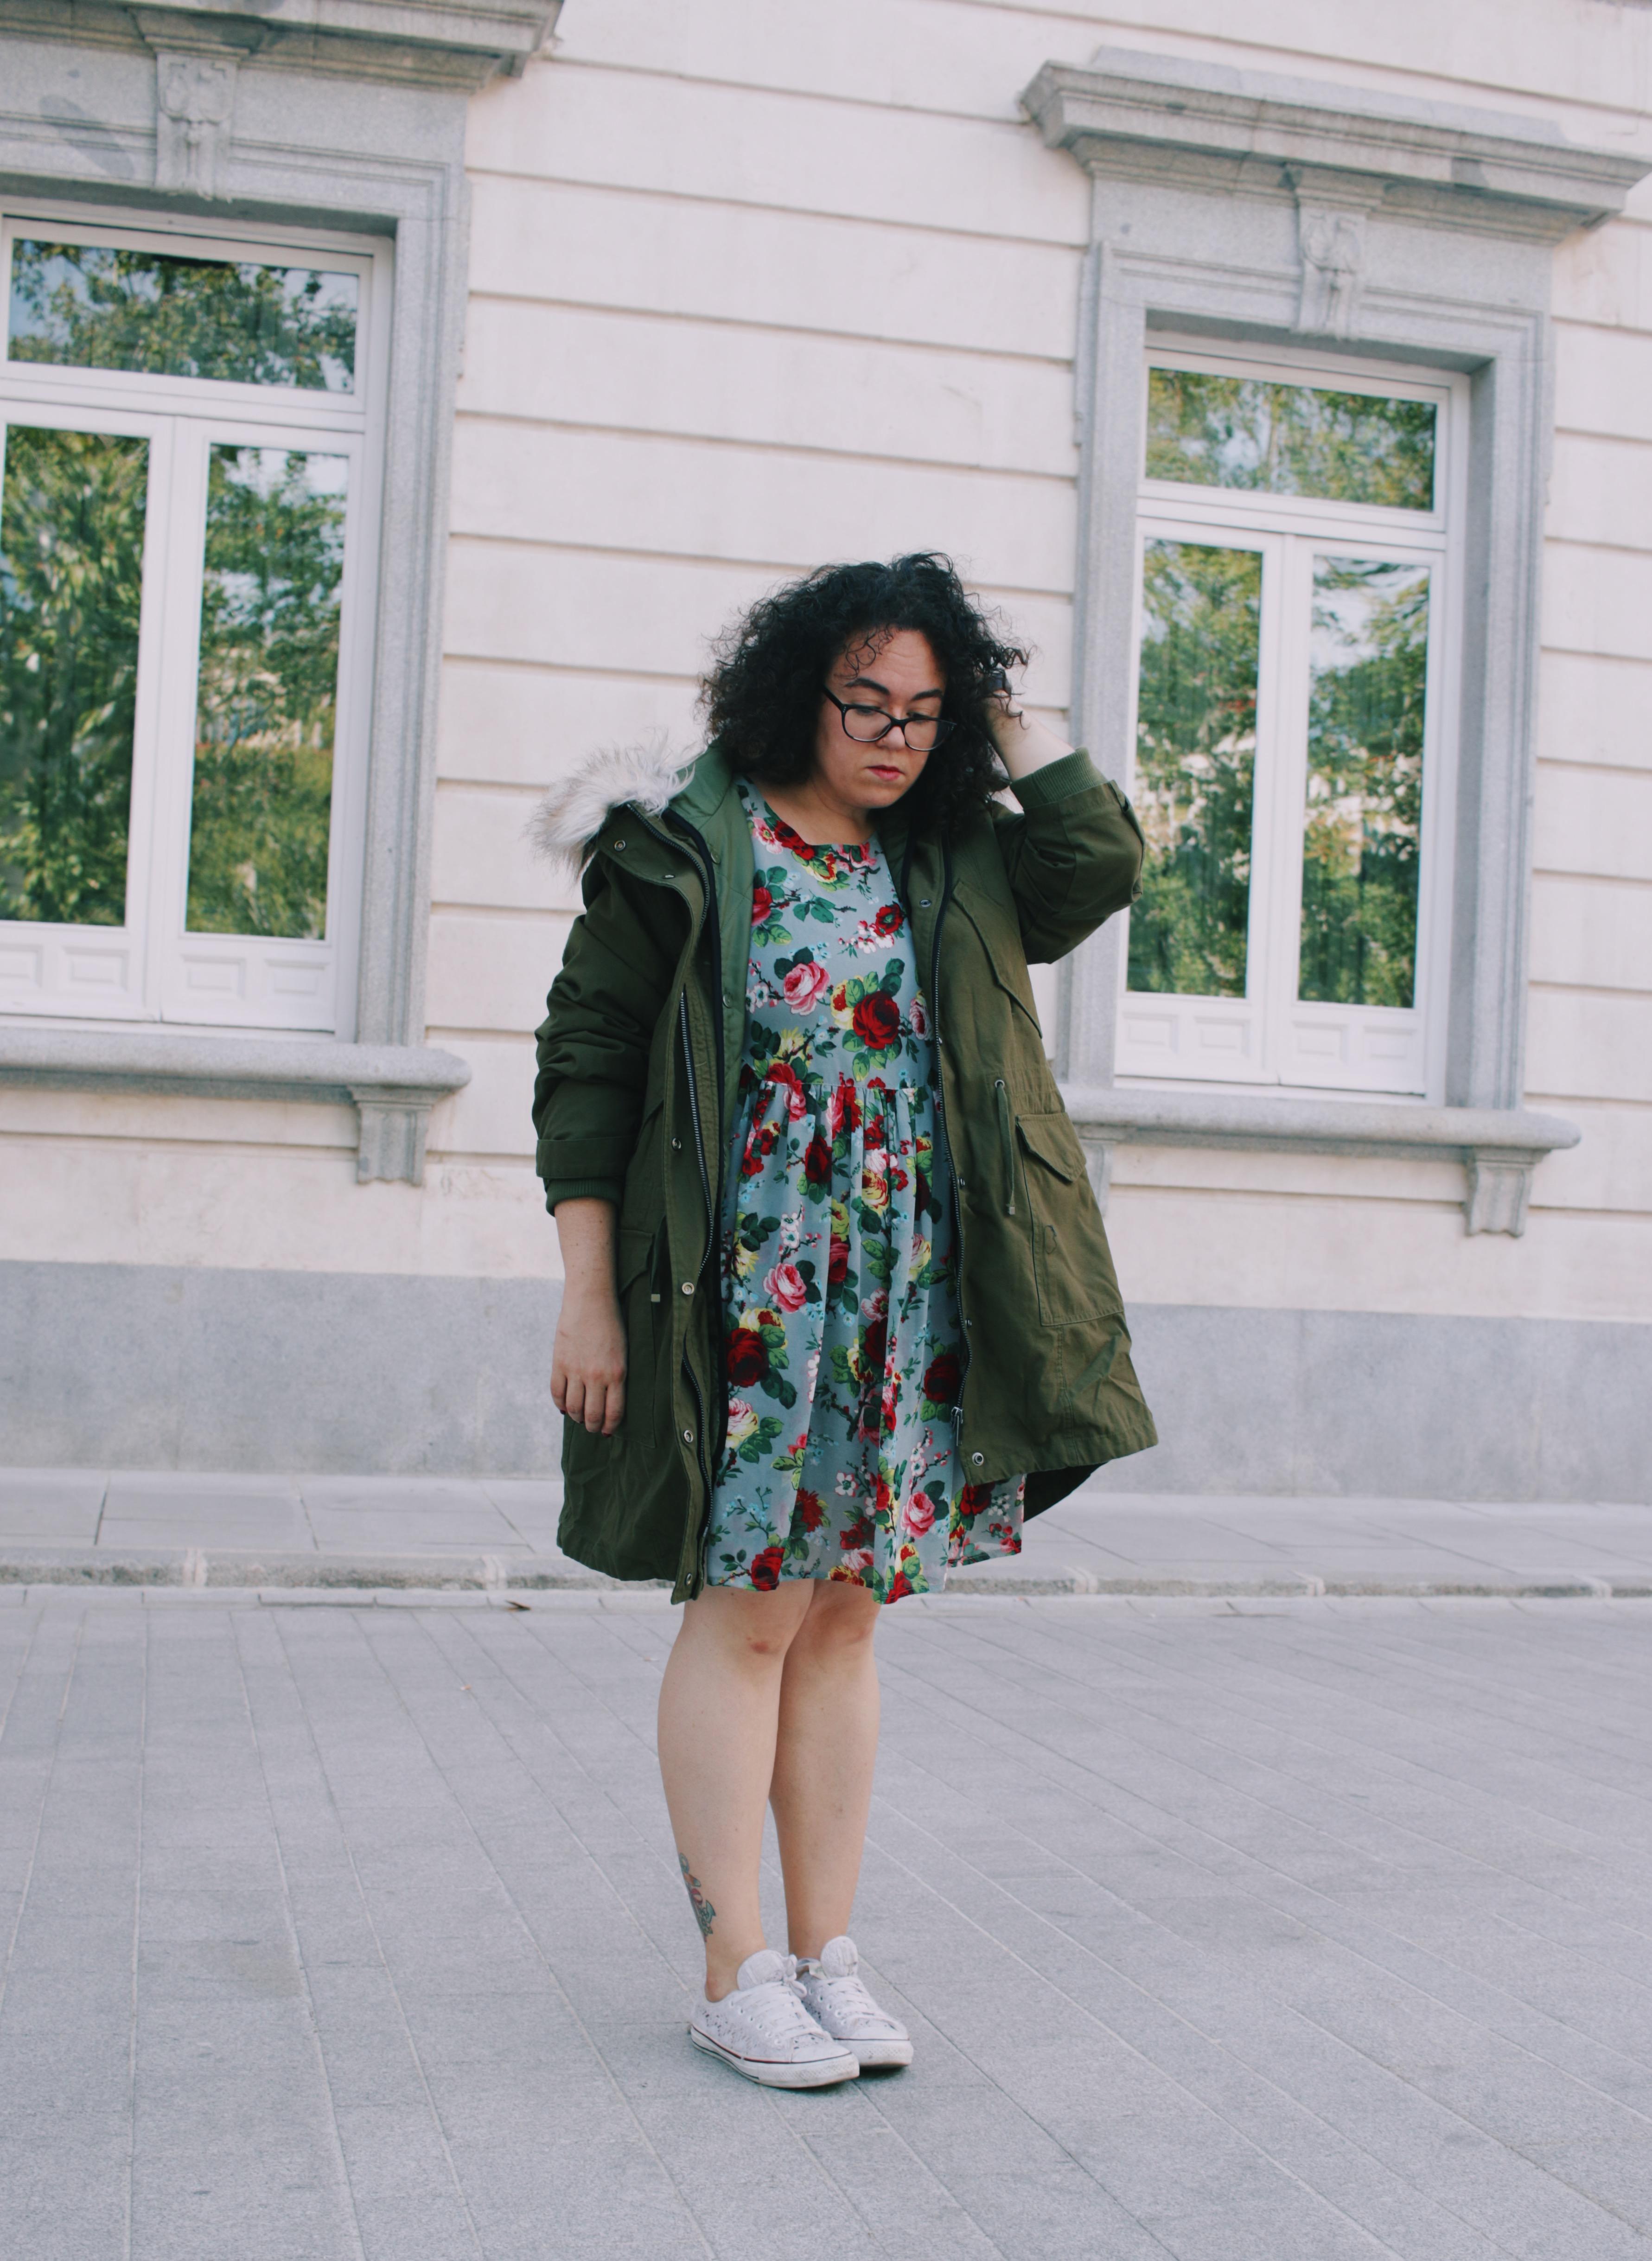 Vestido de flores y parka verde